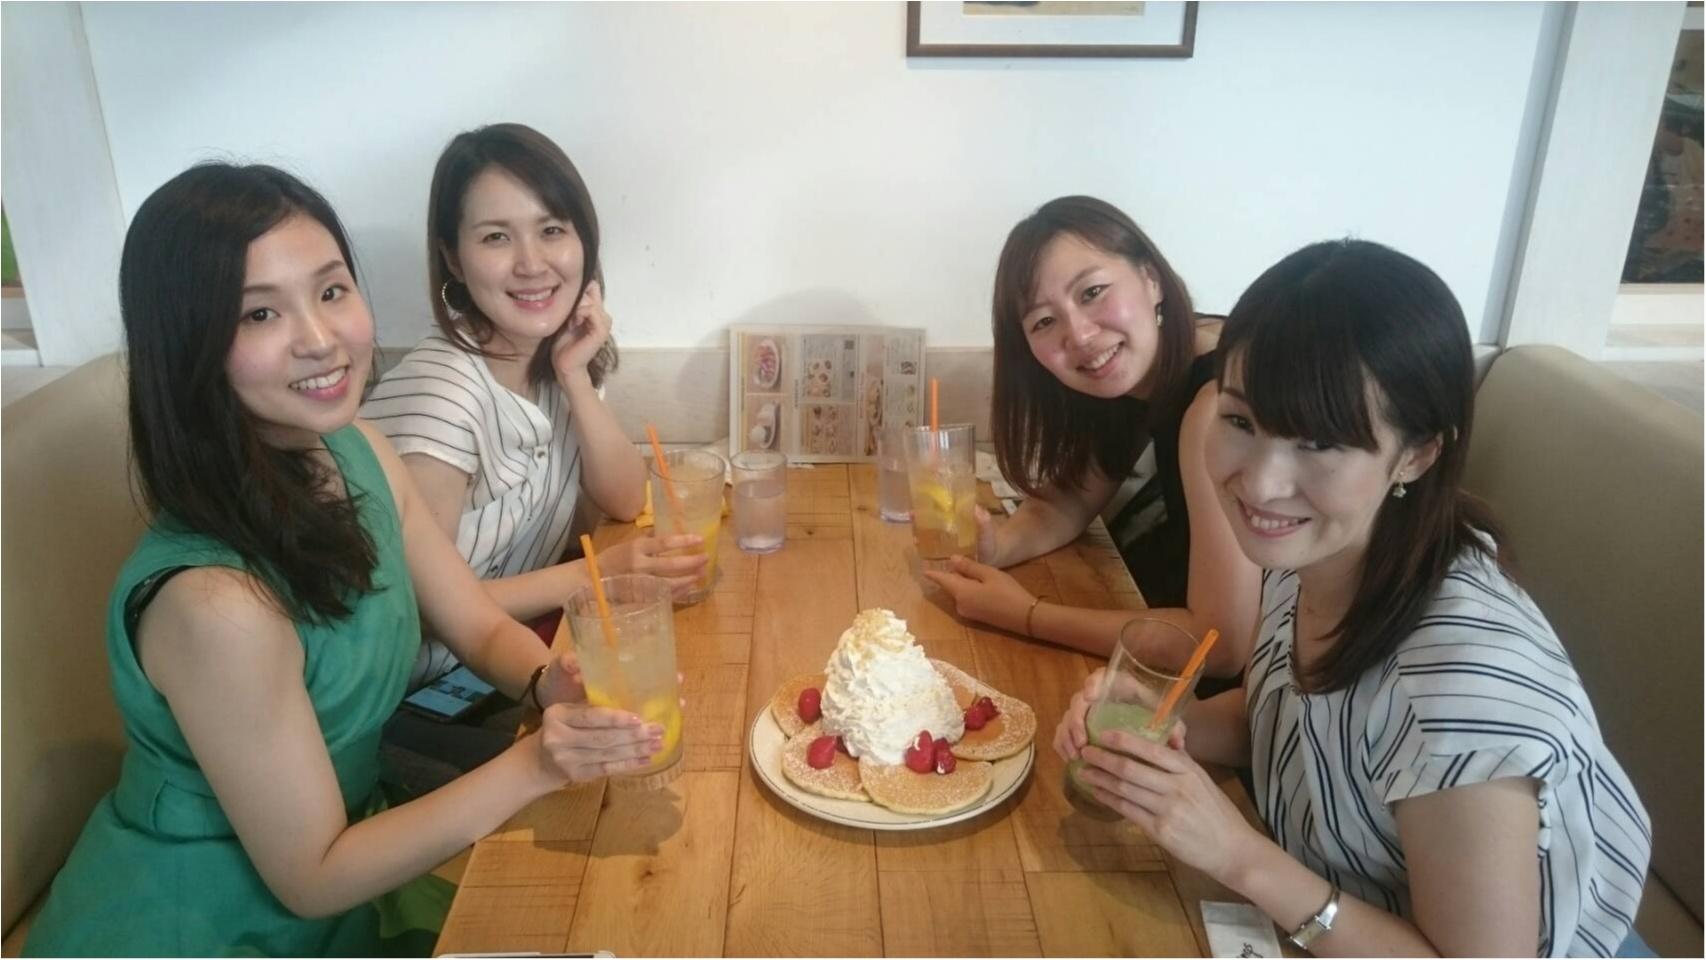 Eggs'nThingsの【SNS映えメニュー】夏の暑いトキ、バテたらひとやすみ♡_1